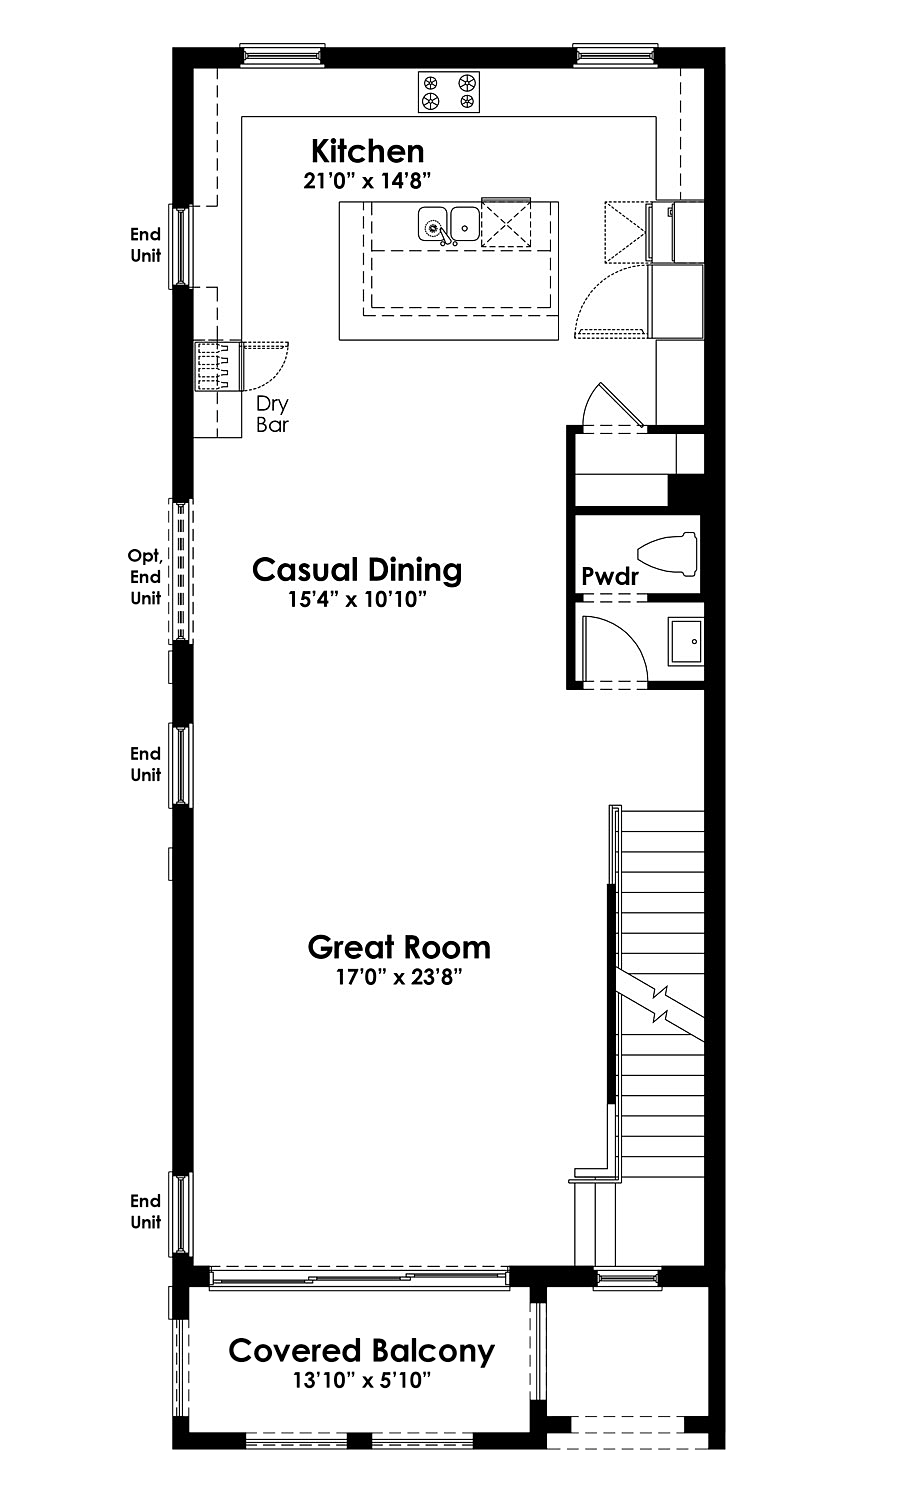 alton alton palm beach gardens best new homes palm beach gardens alton townhome 2nd floor - New Homes Palm Beach Gardens